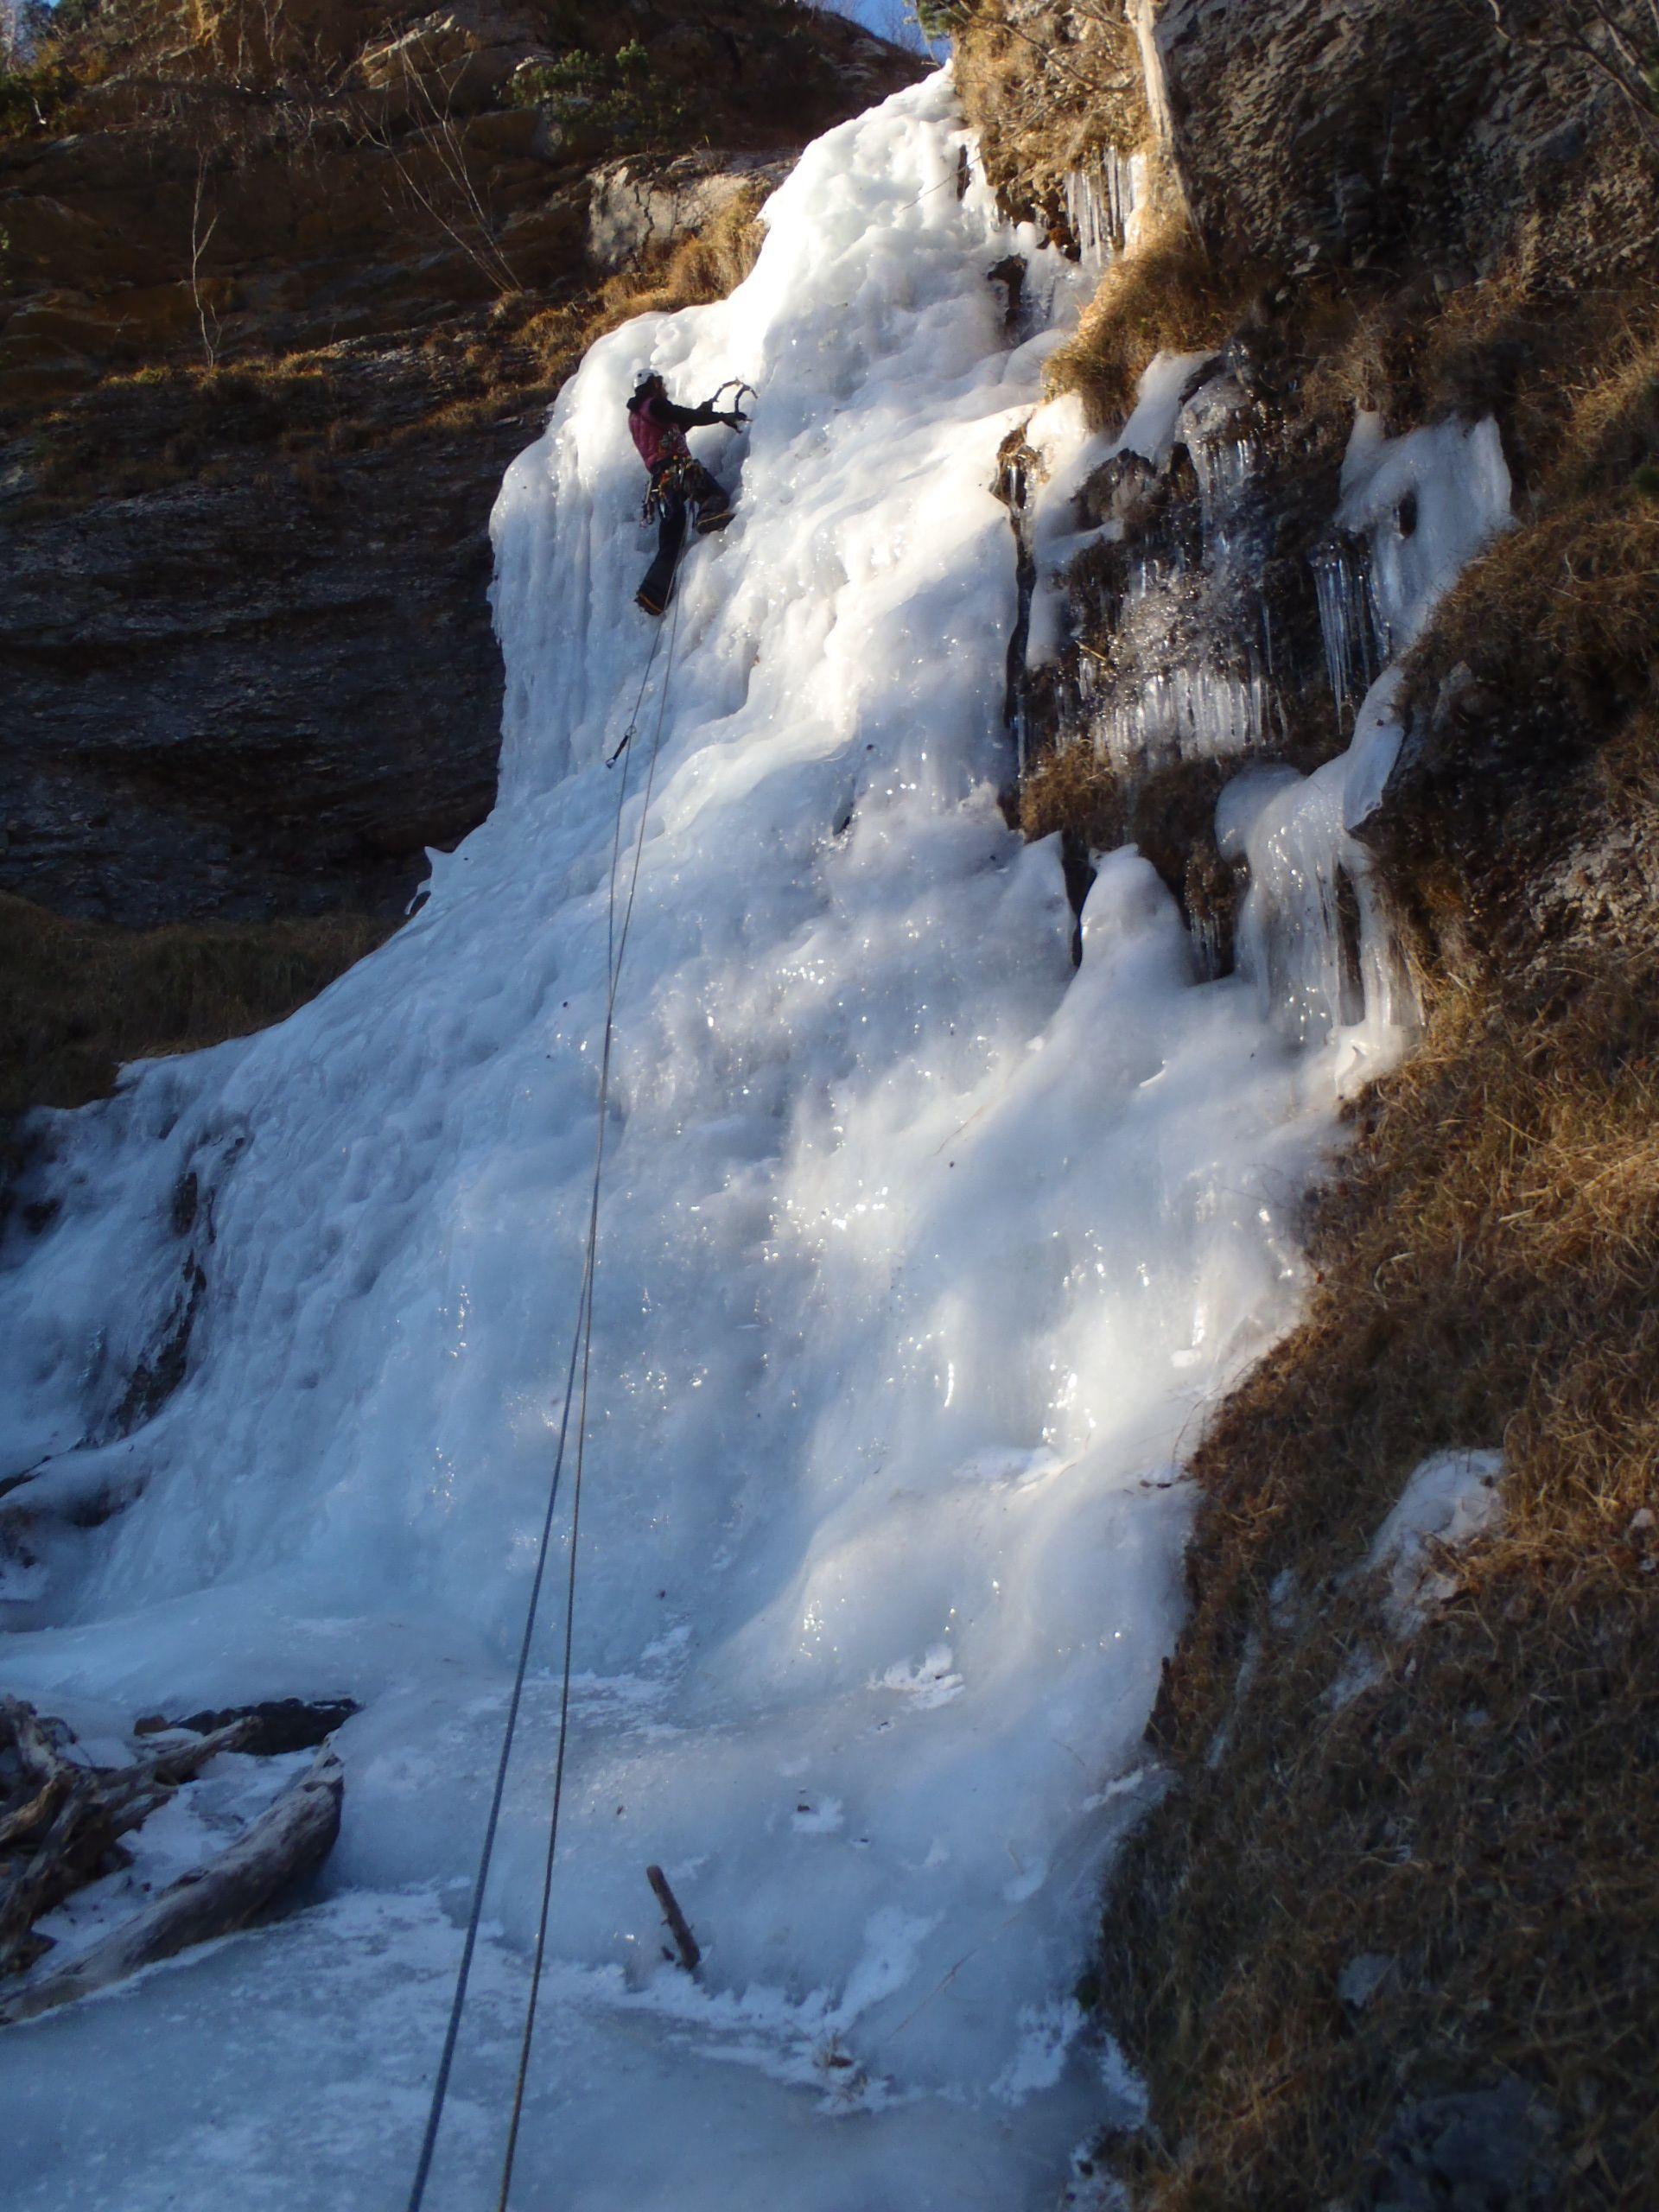 """Valle de Pineta. Pirineo Aragones. España. Ruta """"La nostalgia del Irlandes"""".  Cascada de hielo solo practicable en inviernos con poca nieve en la cabecera por el importante riesgo de avalnchas que conlleva."""